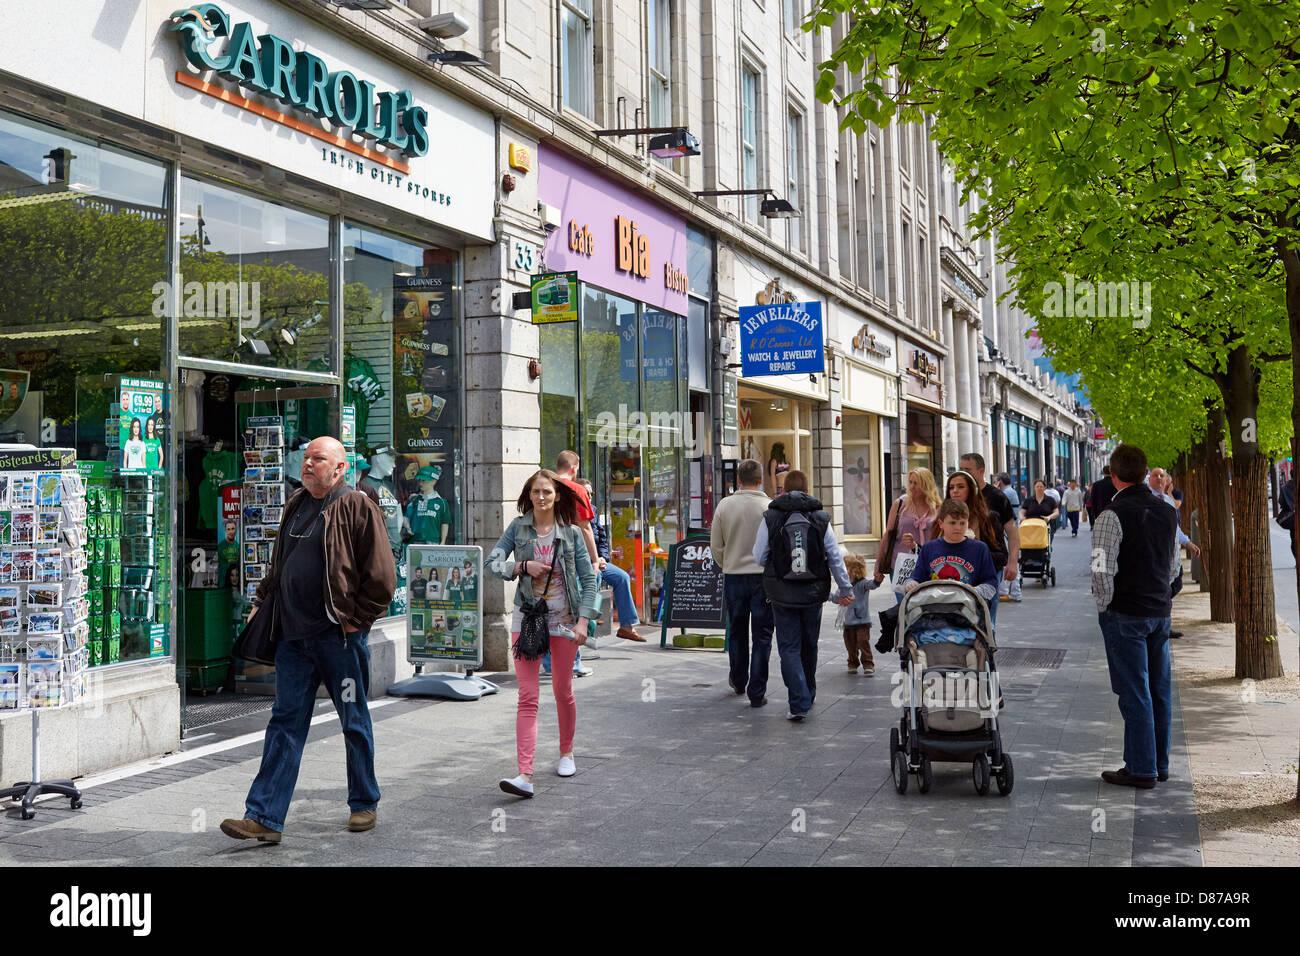 Carroll's souvenir shop in O'Connell Street, Dublin, Ireland - Stock Image